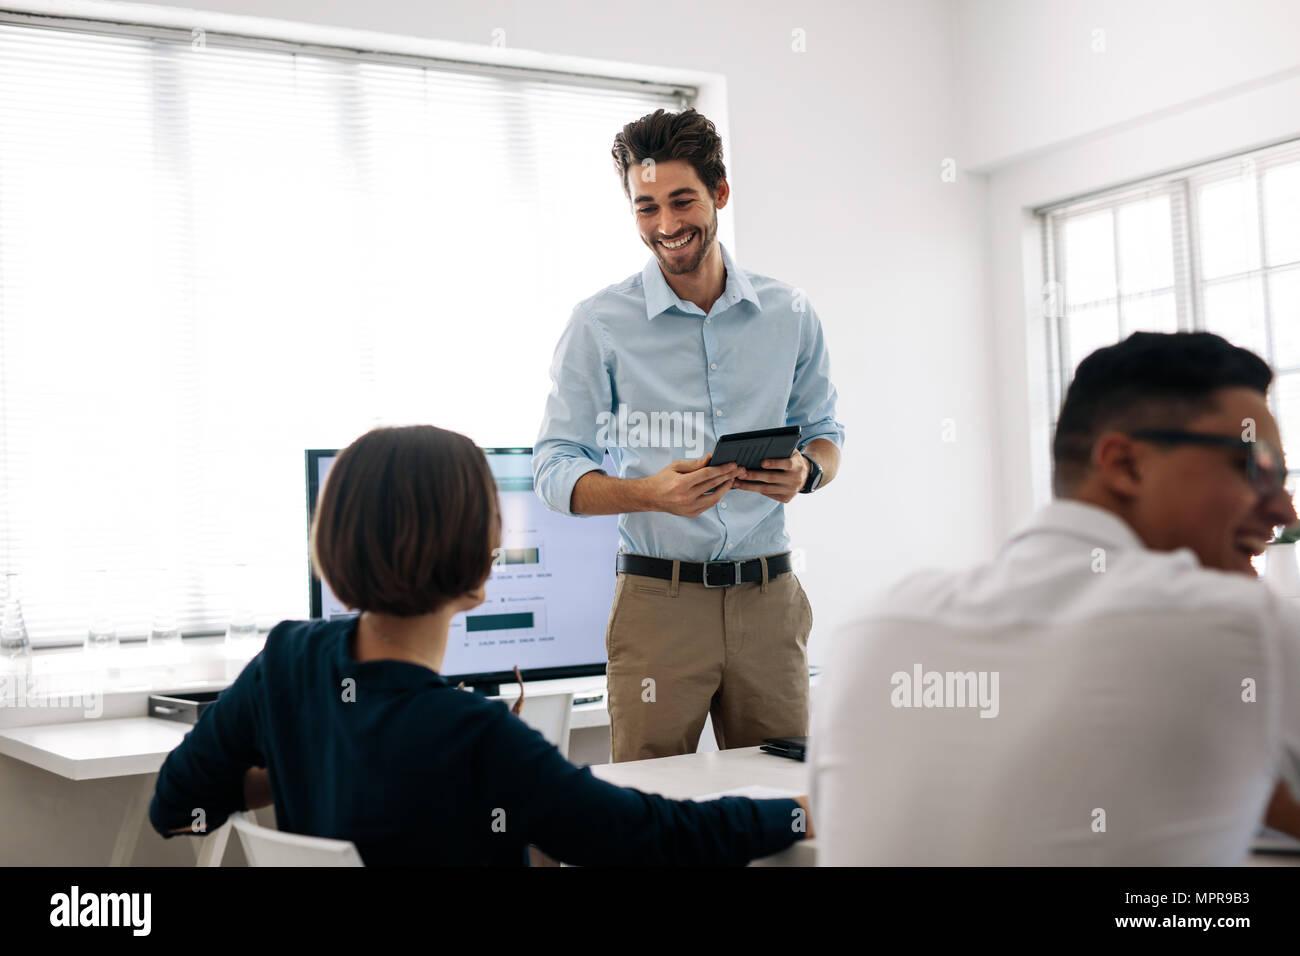 De présentation à ses collègues de bureau. Collègues de bureau plus léger partage instants assis à la salle de conférence. Photo Stock